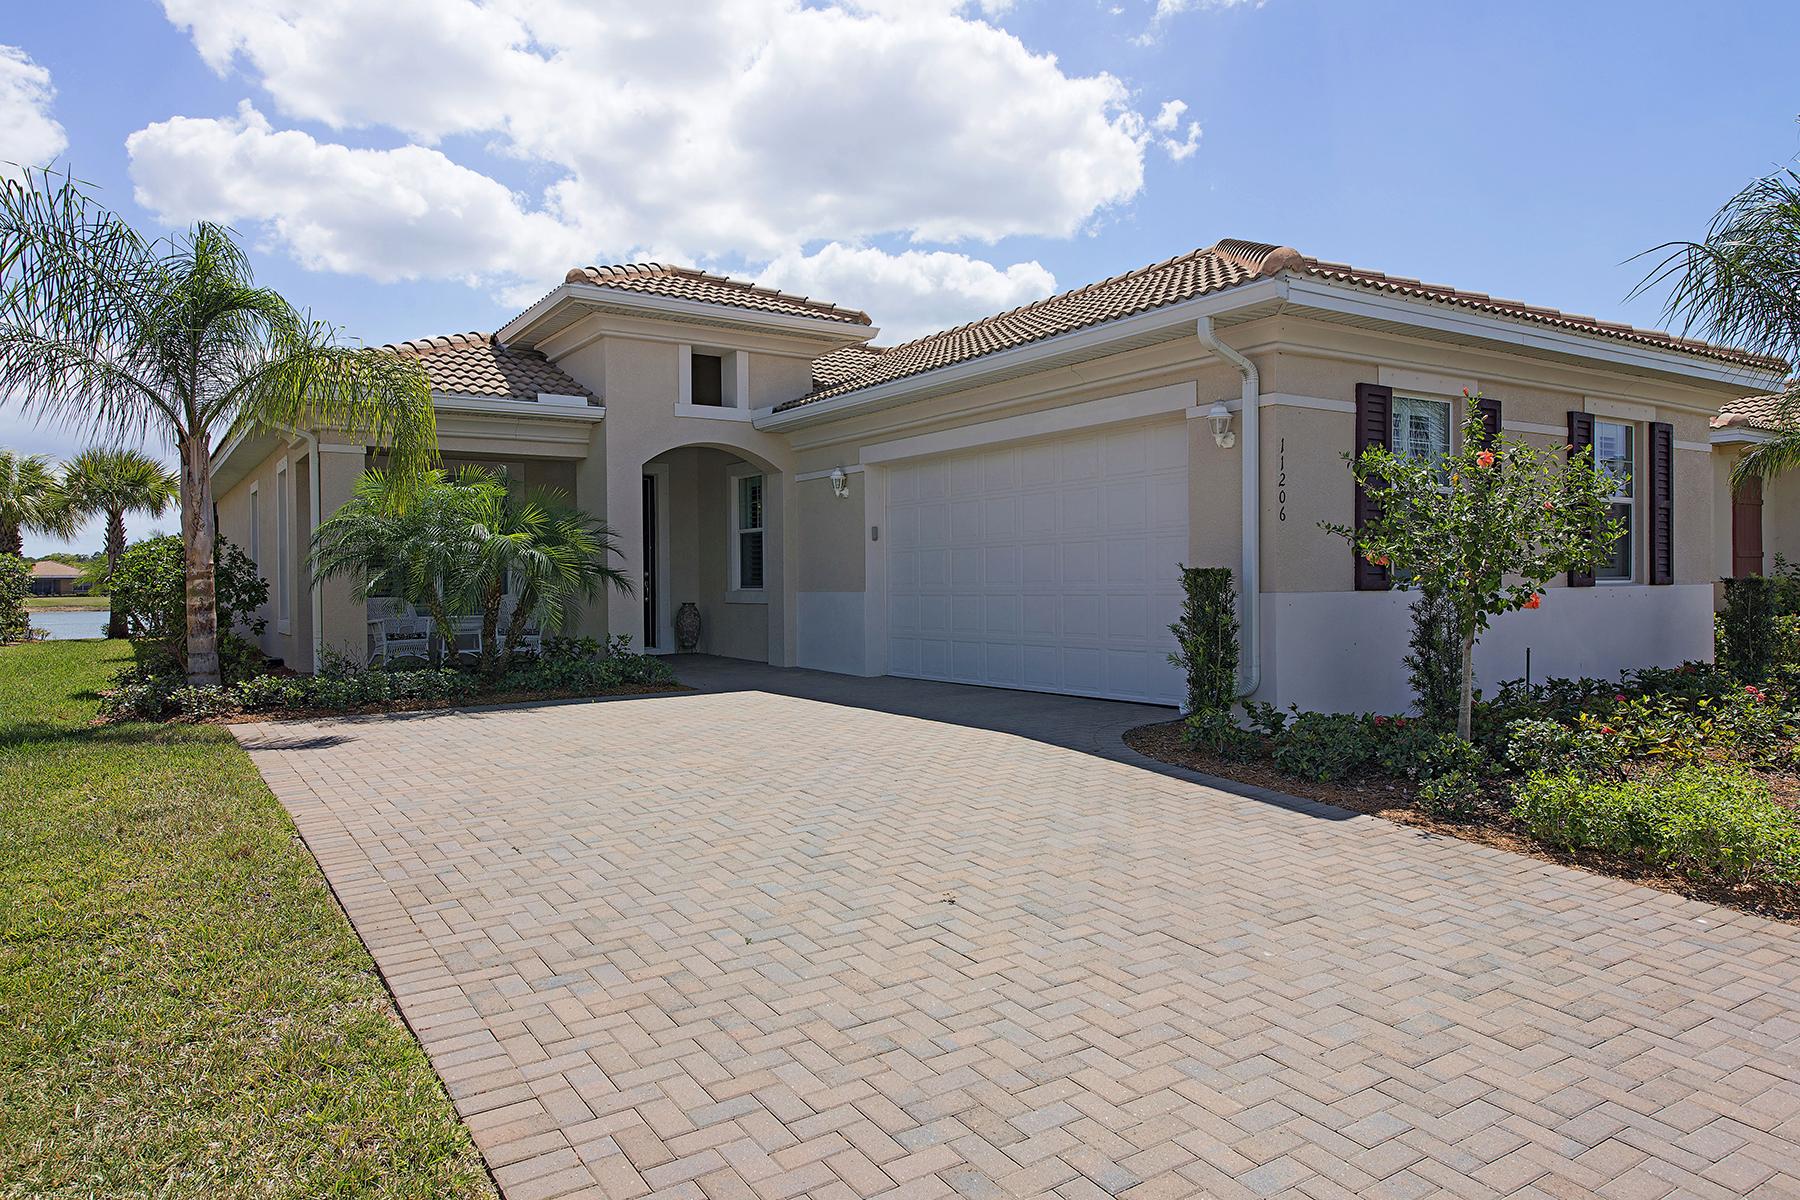 Casa Unifamiliar por un Venta en PELICAN PRESERVE - CARENA 11206 Vitale Way Fort Myers, Florida, 33913 Estados Unidos